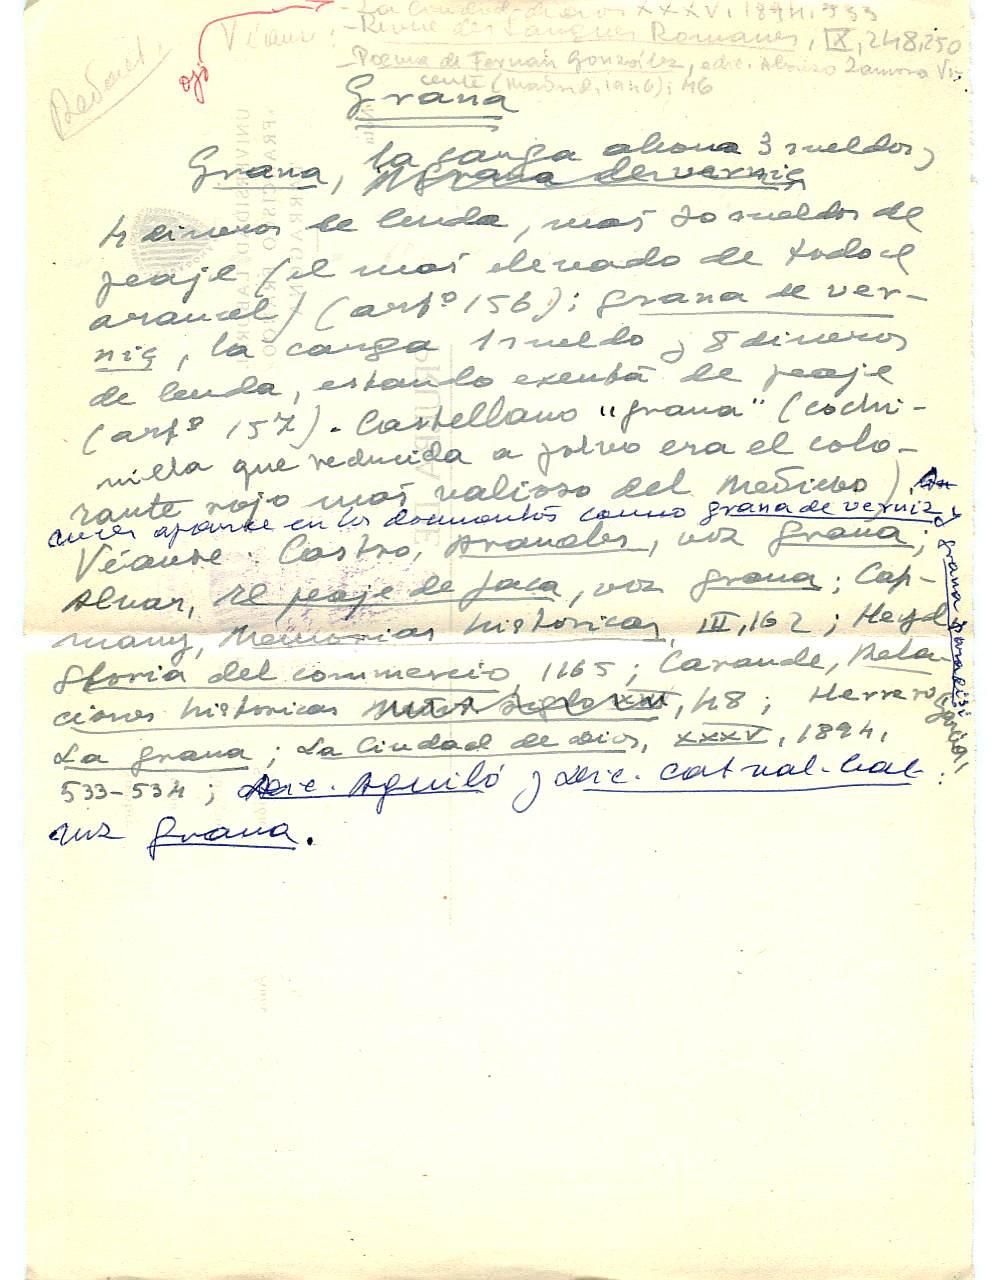 Vista ampliada de la ficha escaneada con el texto para la entrada grana ( 12 de 103 )